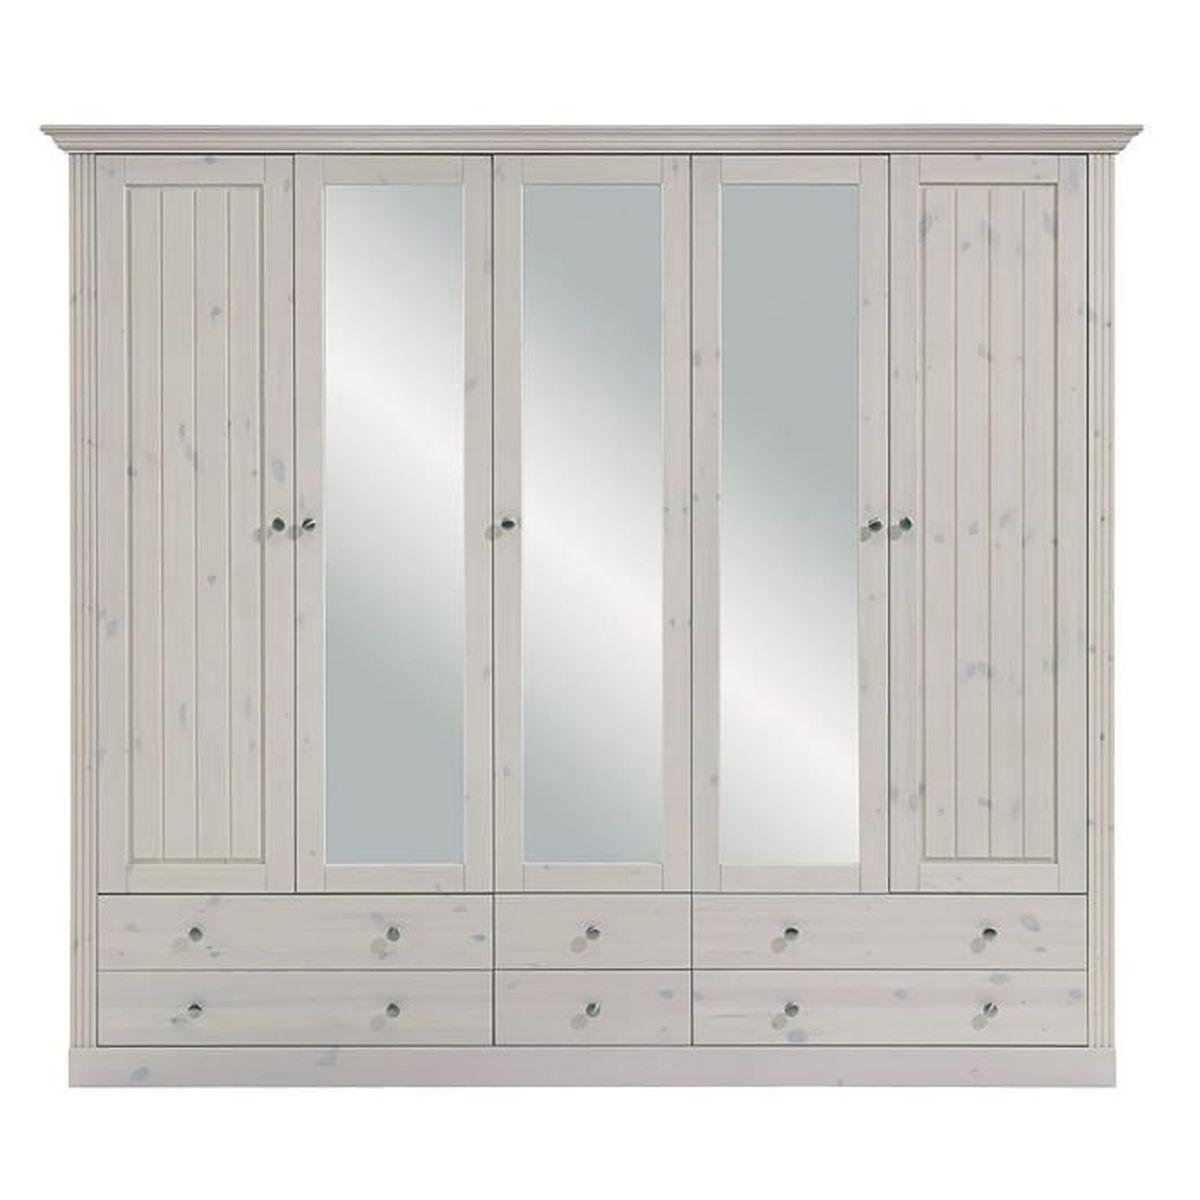 Armoire en pin massif coloris blanc dim 201 x 227 x 60 cm achat vente - Armoire pin massif blanc ...